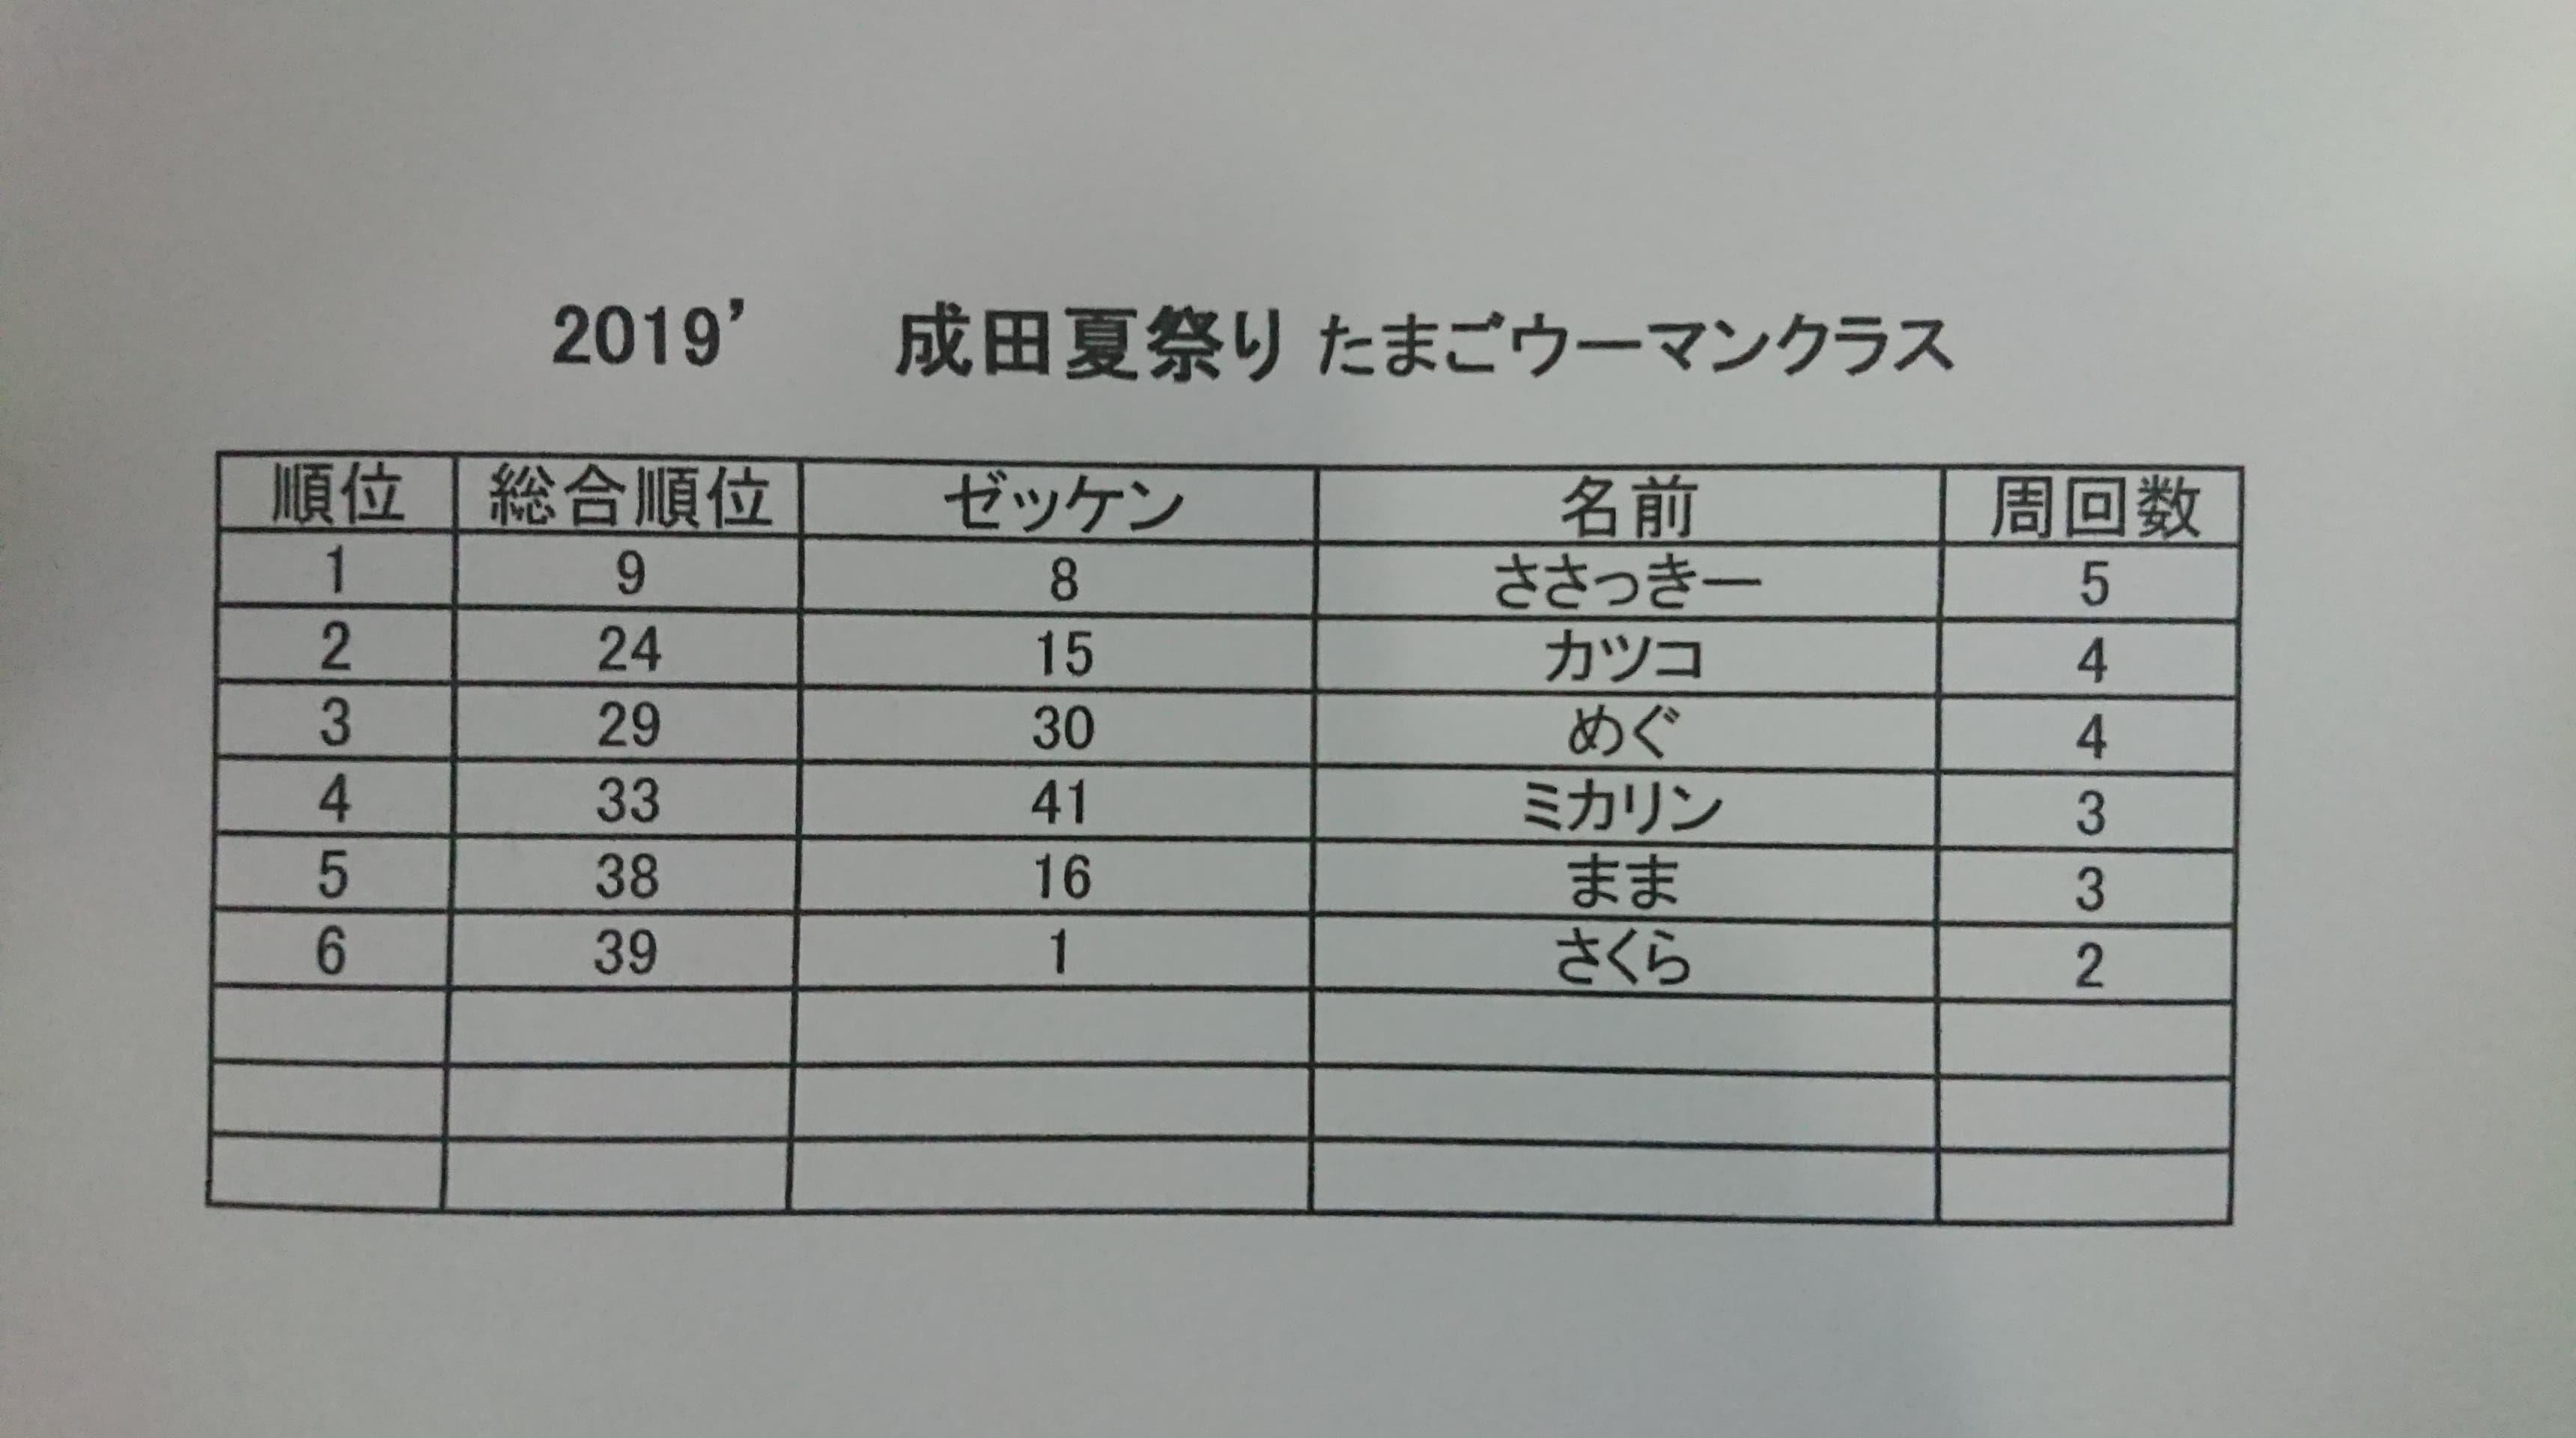 2019\' 成田夏祭り 終了しました! ありがとうございました!_c0042655_17143887.jpg